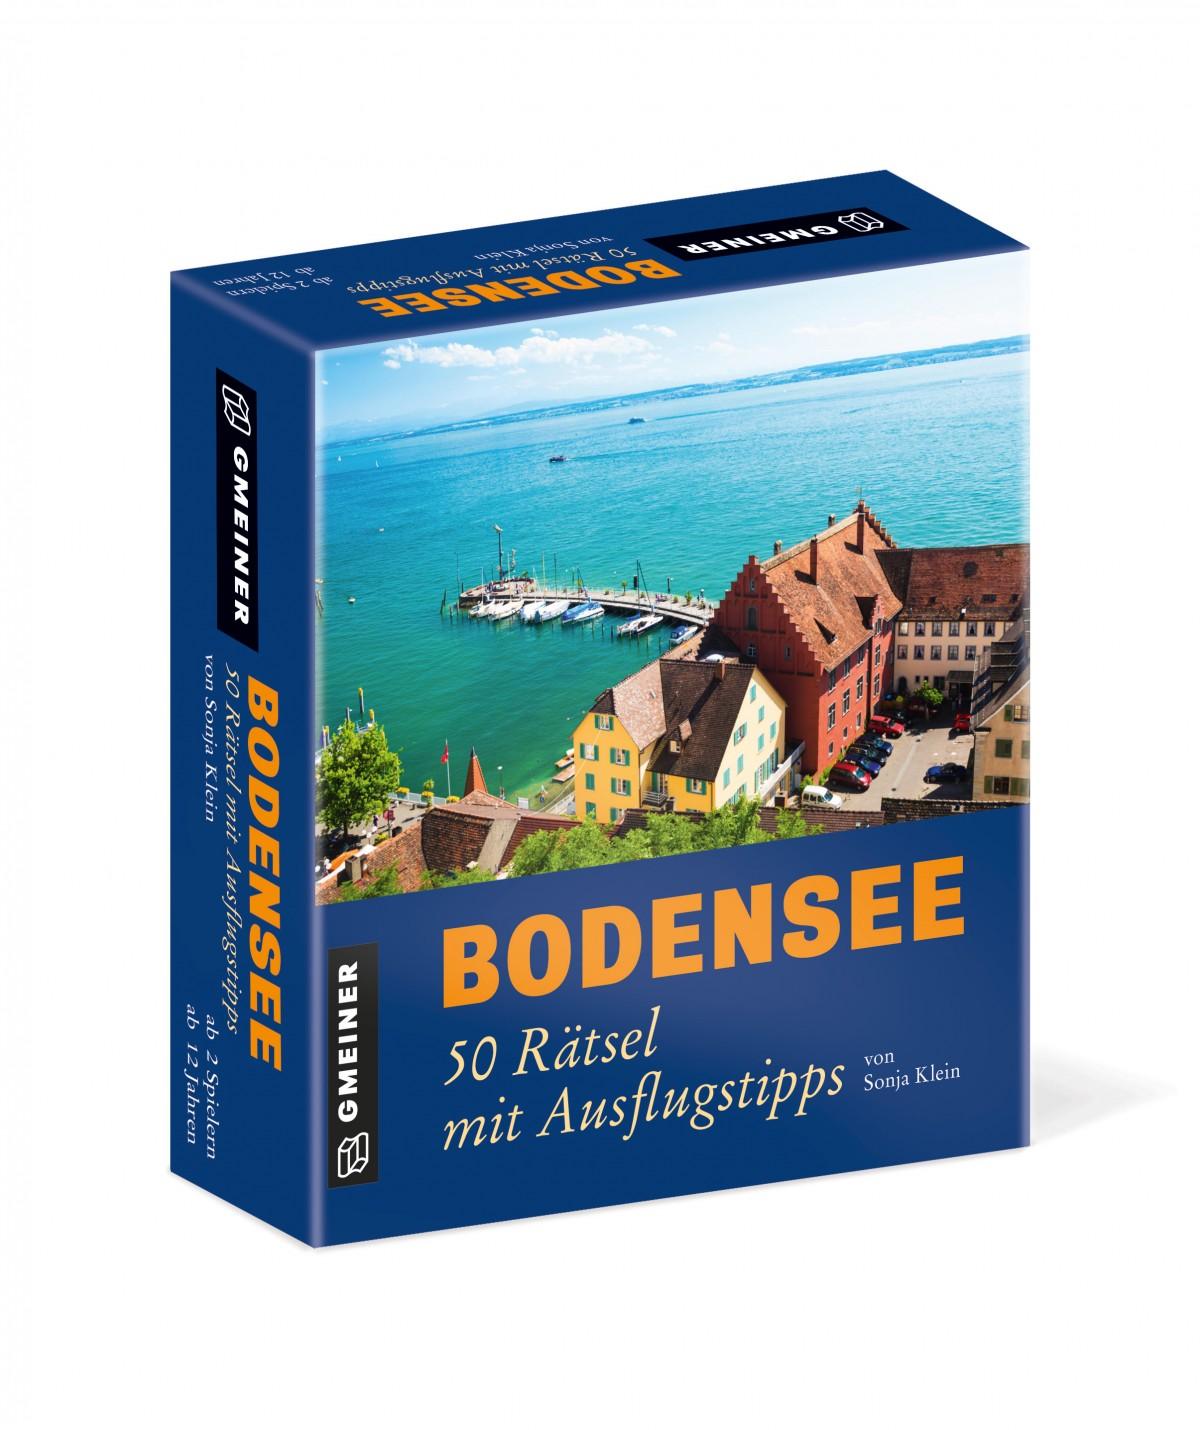 Bodensee 50 Ratsel Mit Ausflugstipps Gmeiner Verlag